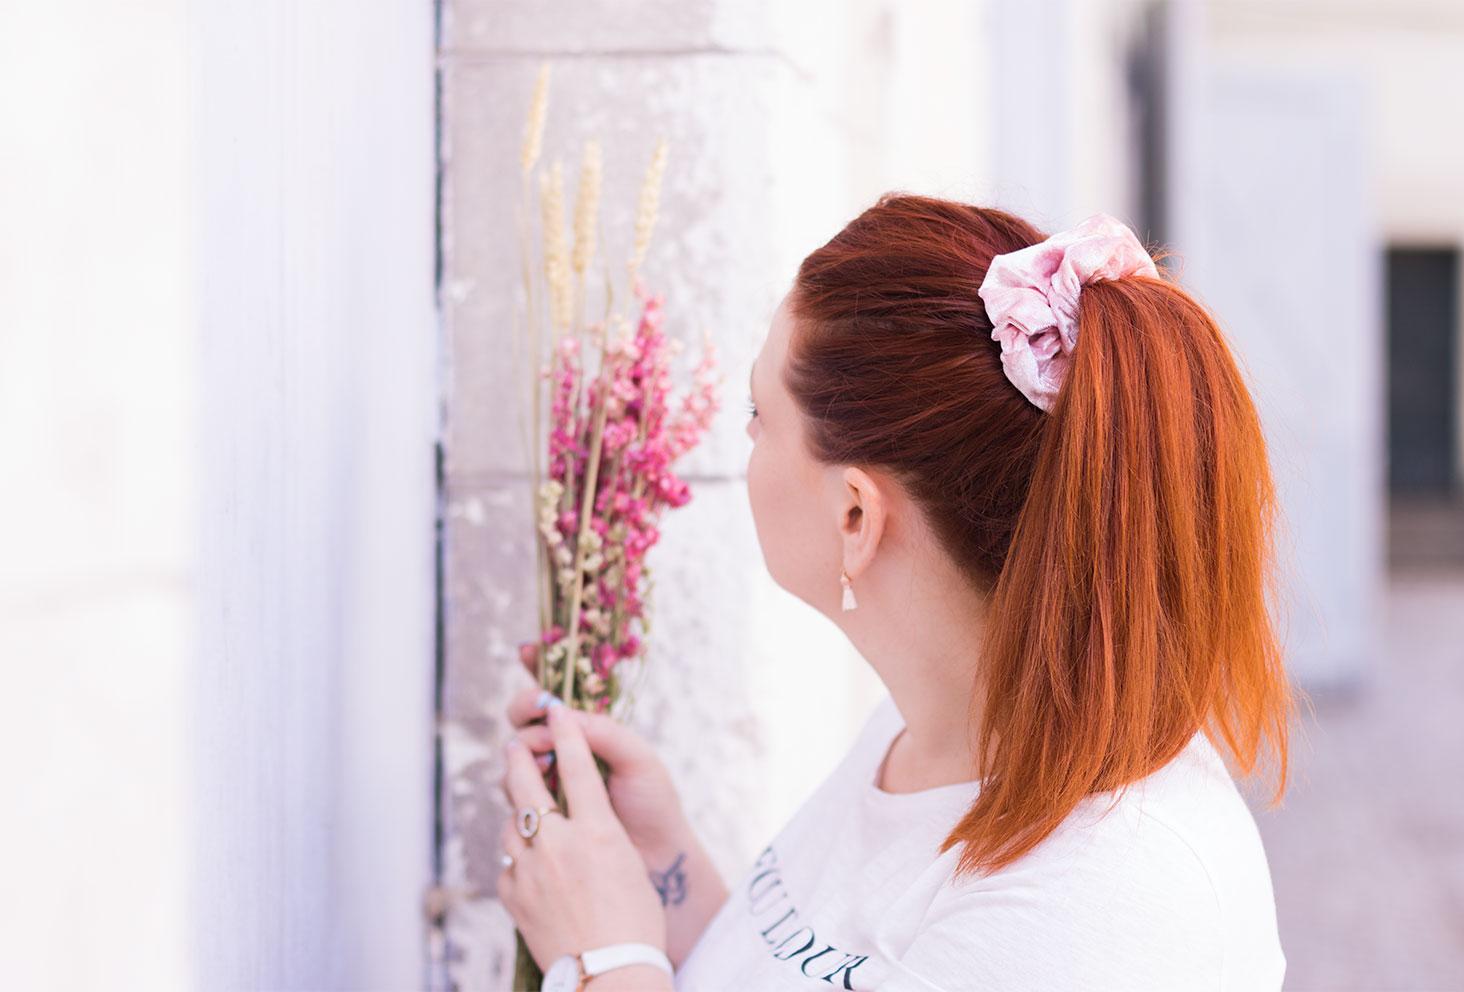 De dos, des fleurs séchées dans les mains, zoom sur une queue de cheval avec un gros chouchou en velours rose Claire's